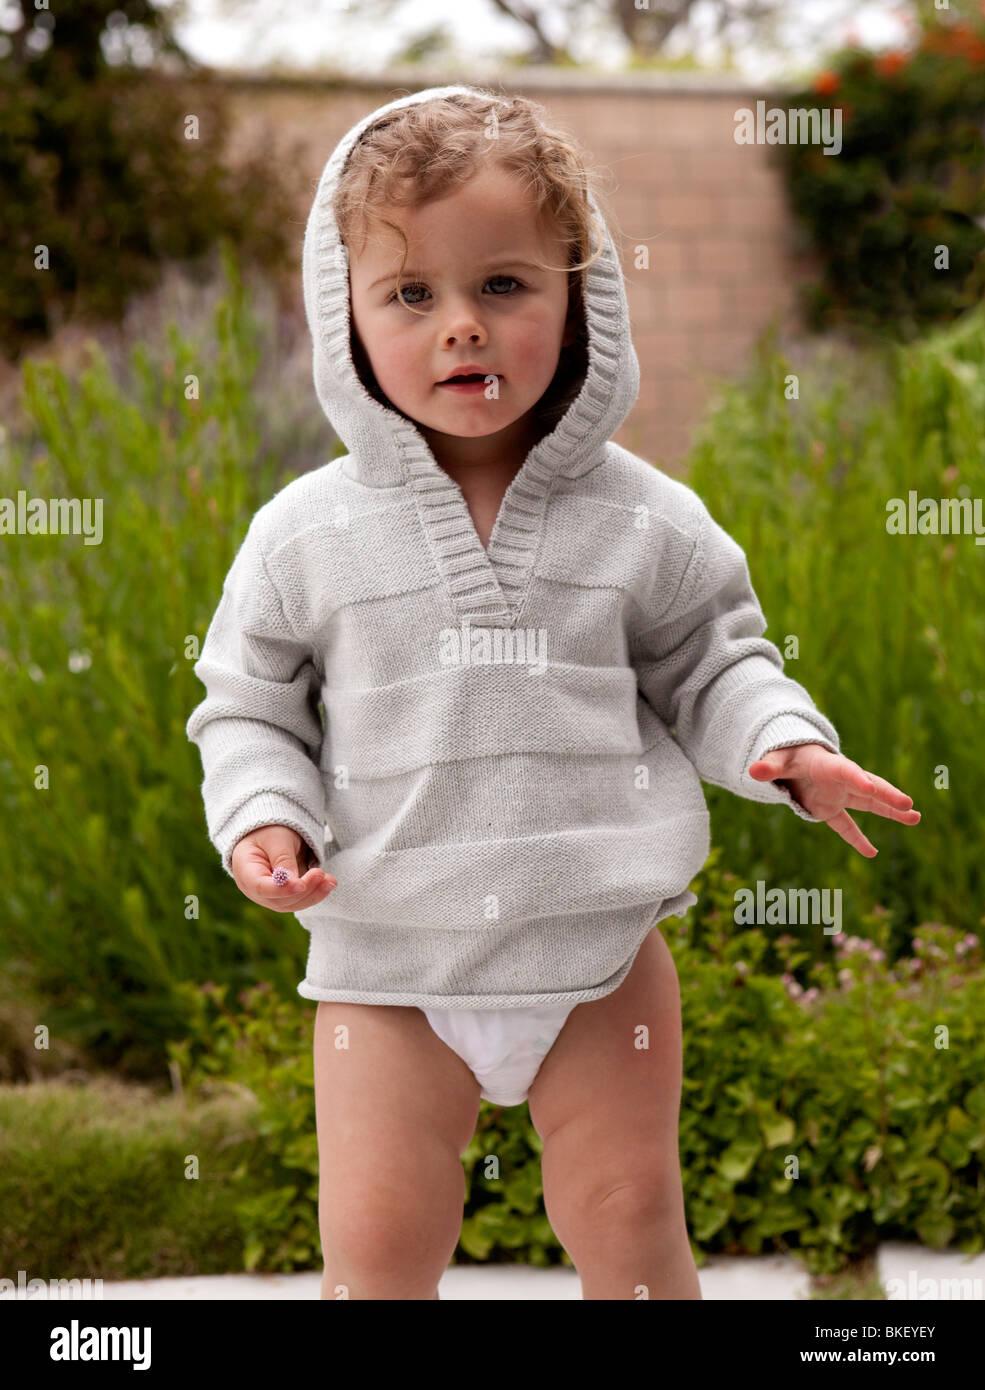 Il Toddler girl in grigio felpa con cappuccio Immagini Stock